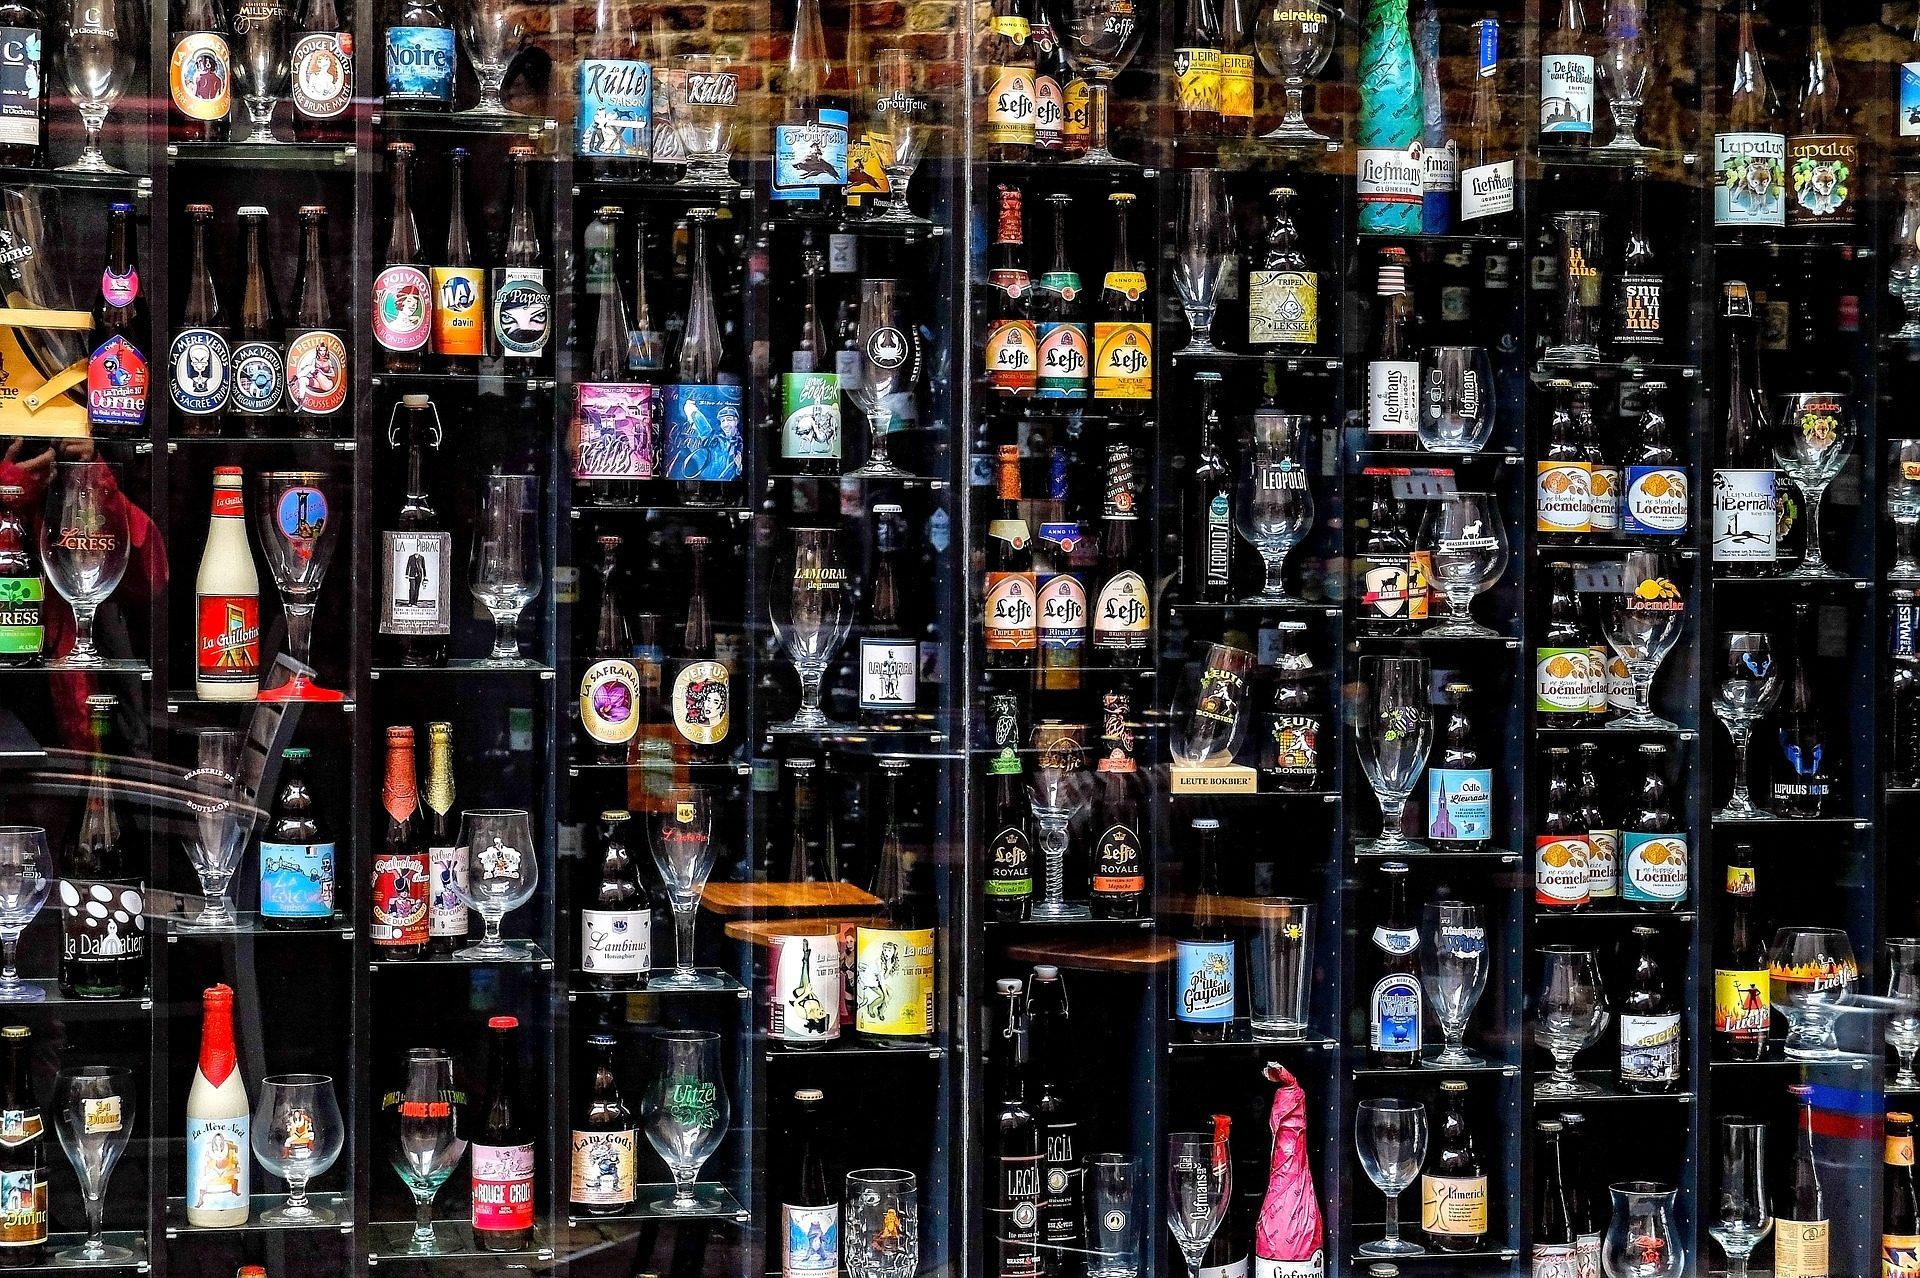 瓶, 花瓶, 杯子, cervezas, 集合, 搁置 - 高清壁纸 - 教授-falken.com